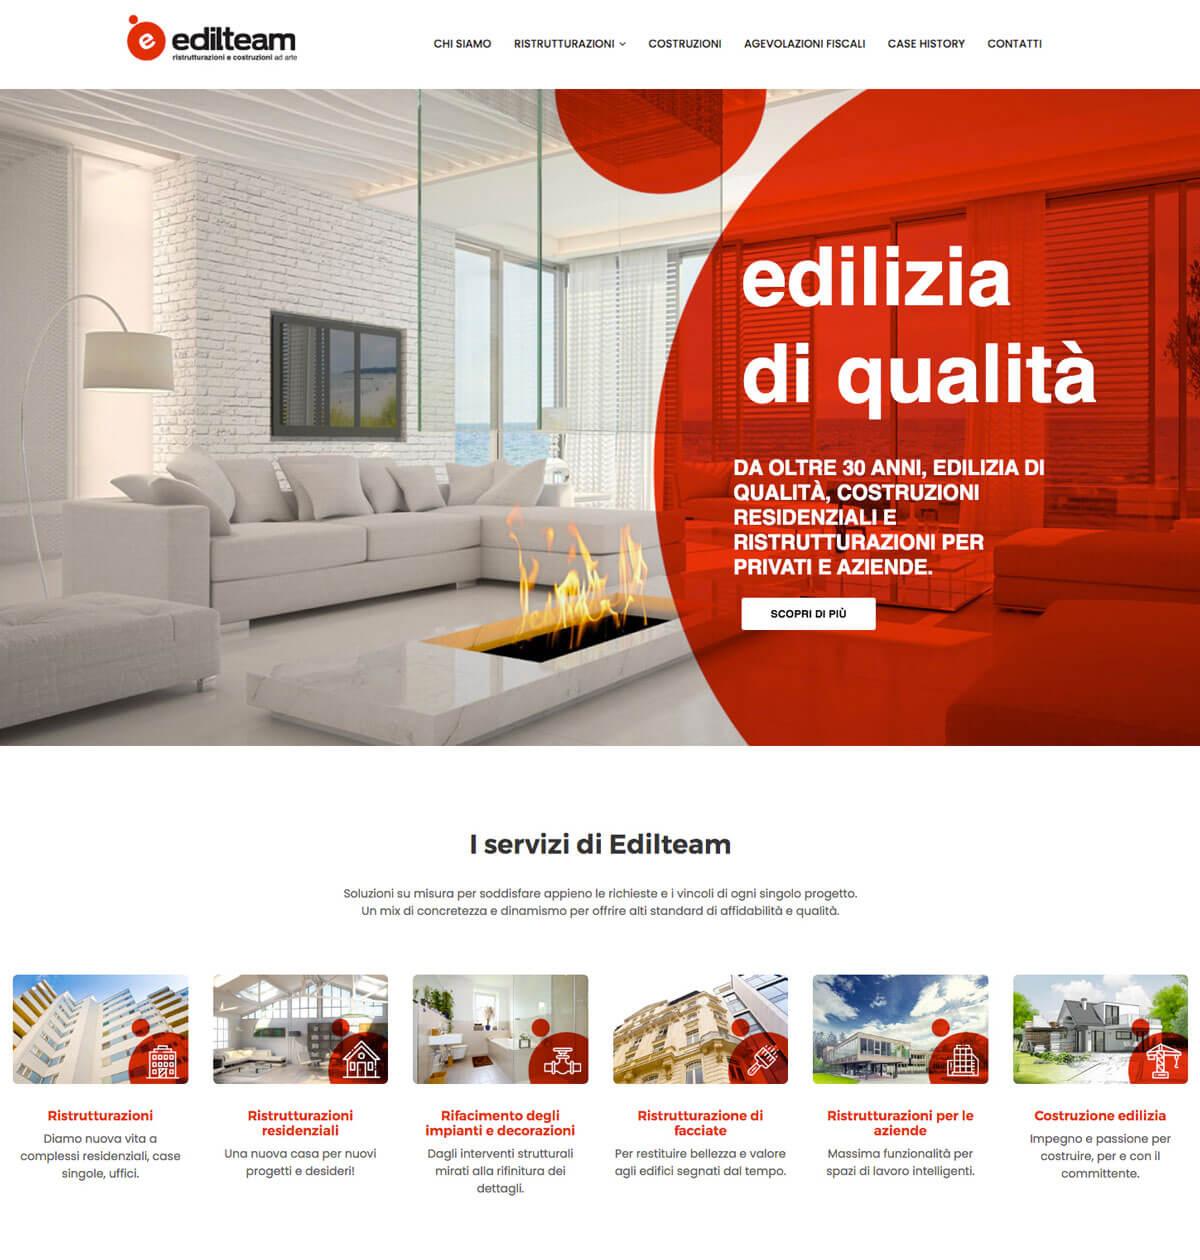 Edilteam - Sito web Torino